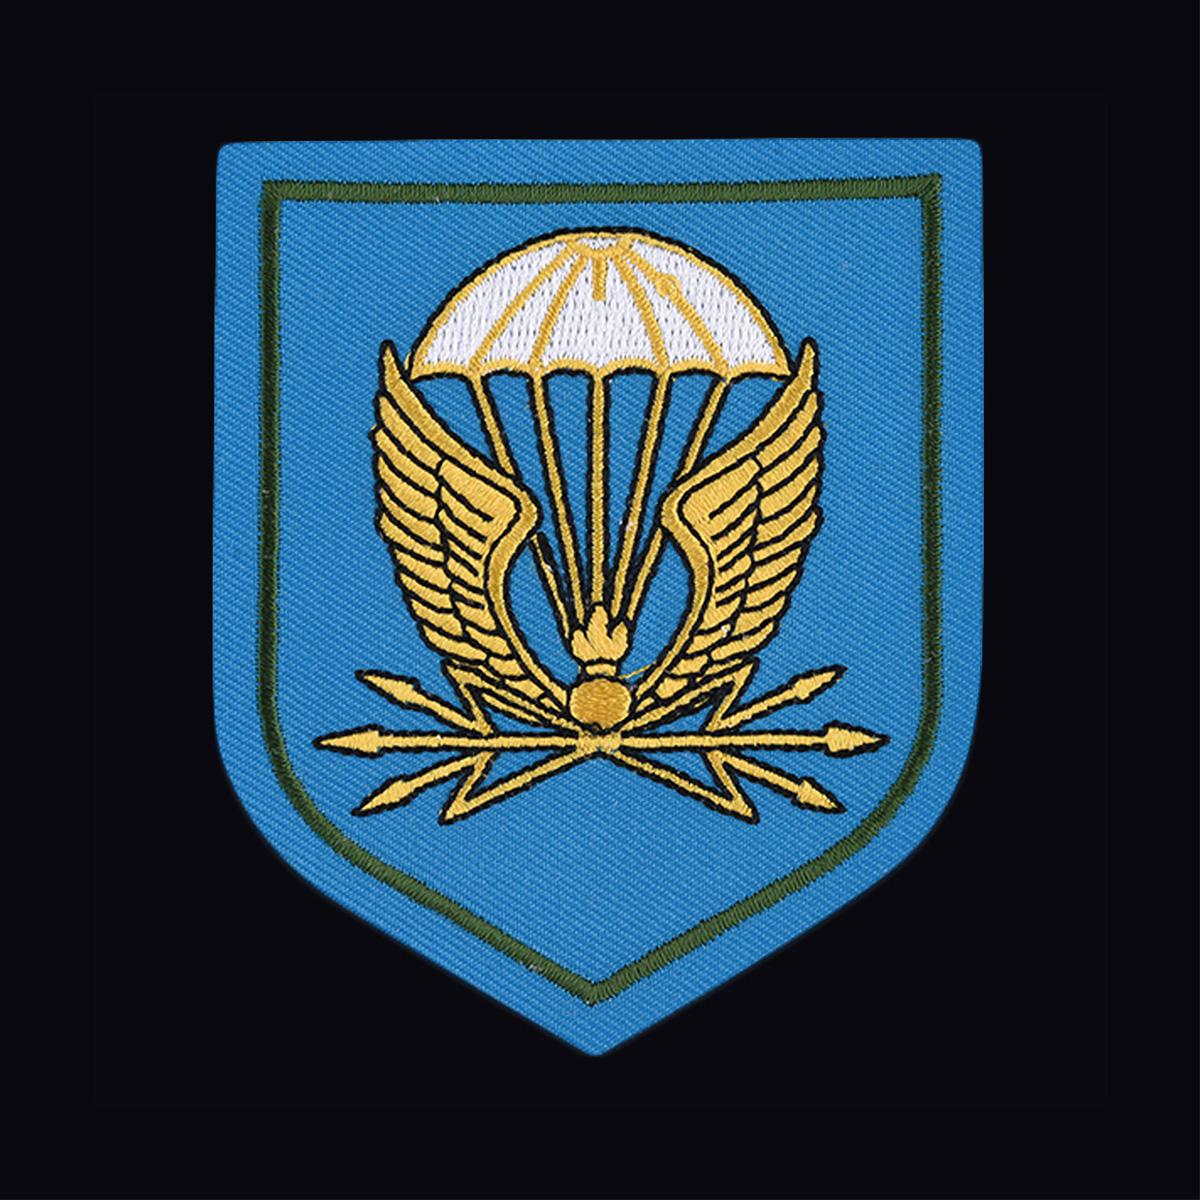 Стильная милитари футболка с вышитым шевроном 38 отдельный полк связи ВДВ - купить в подарок